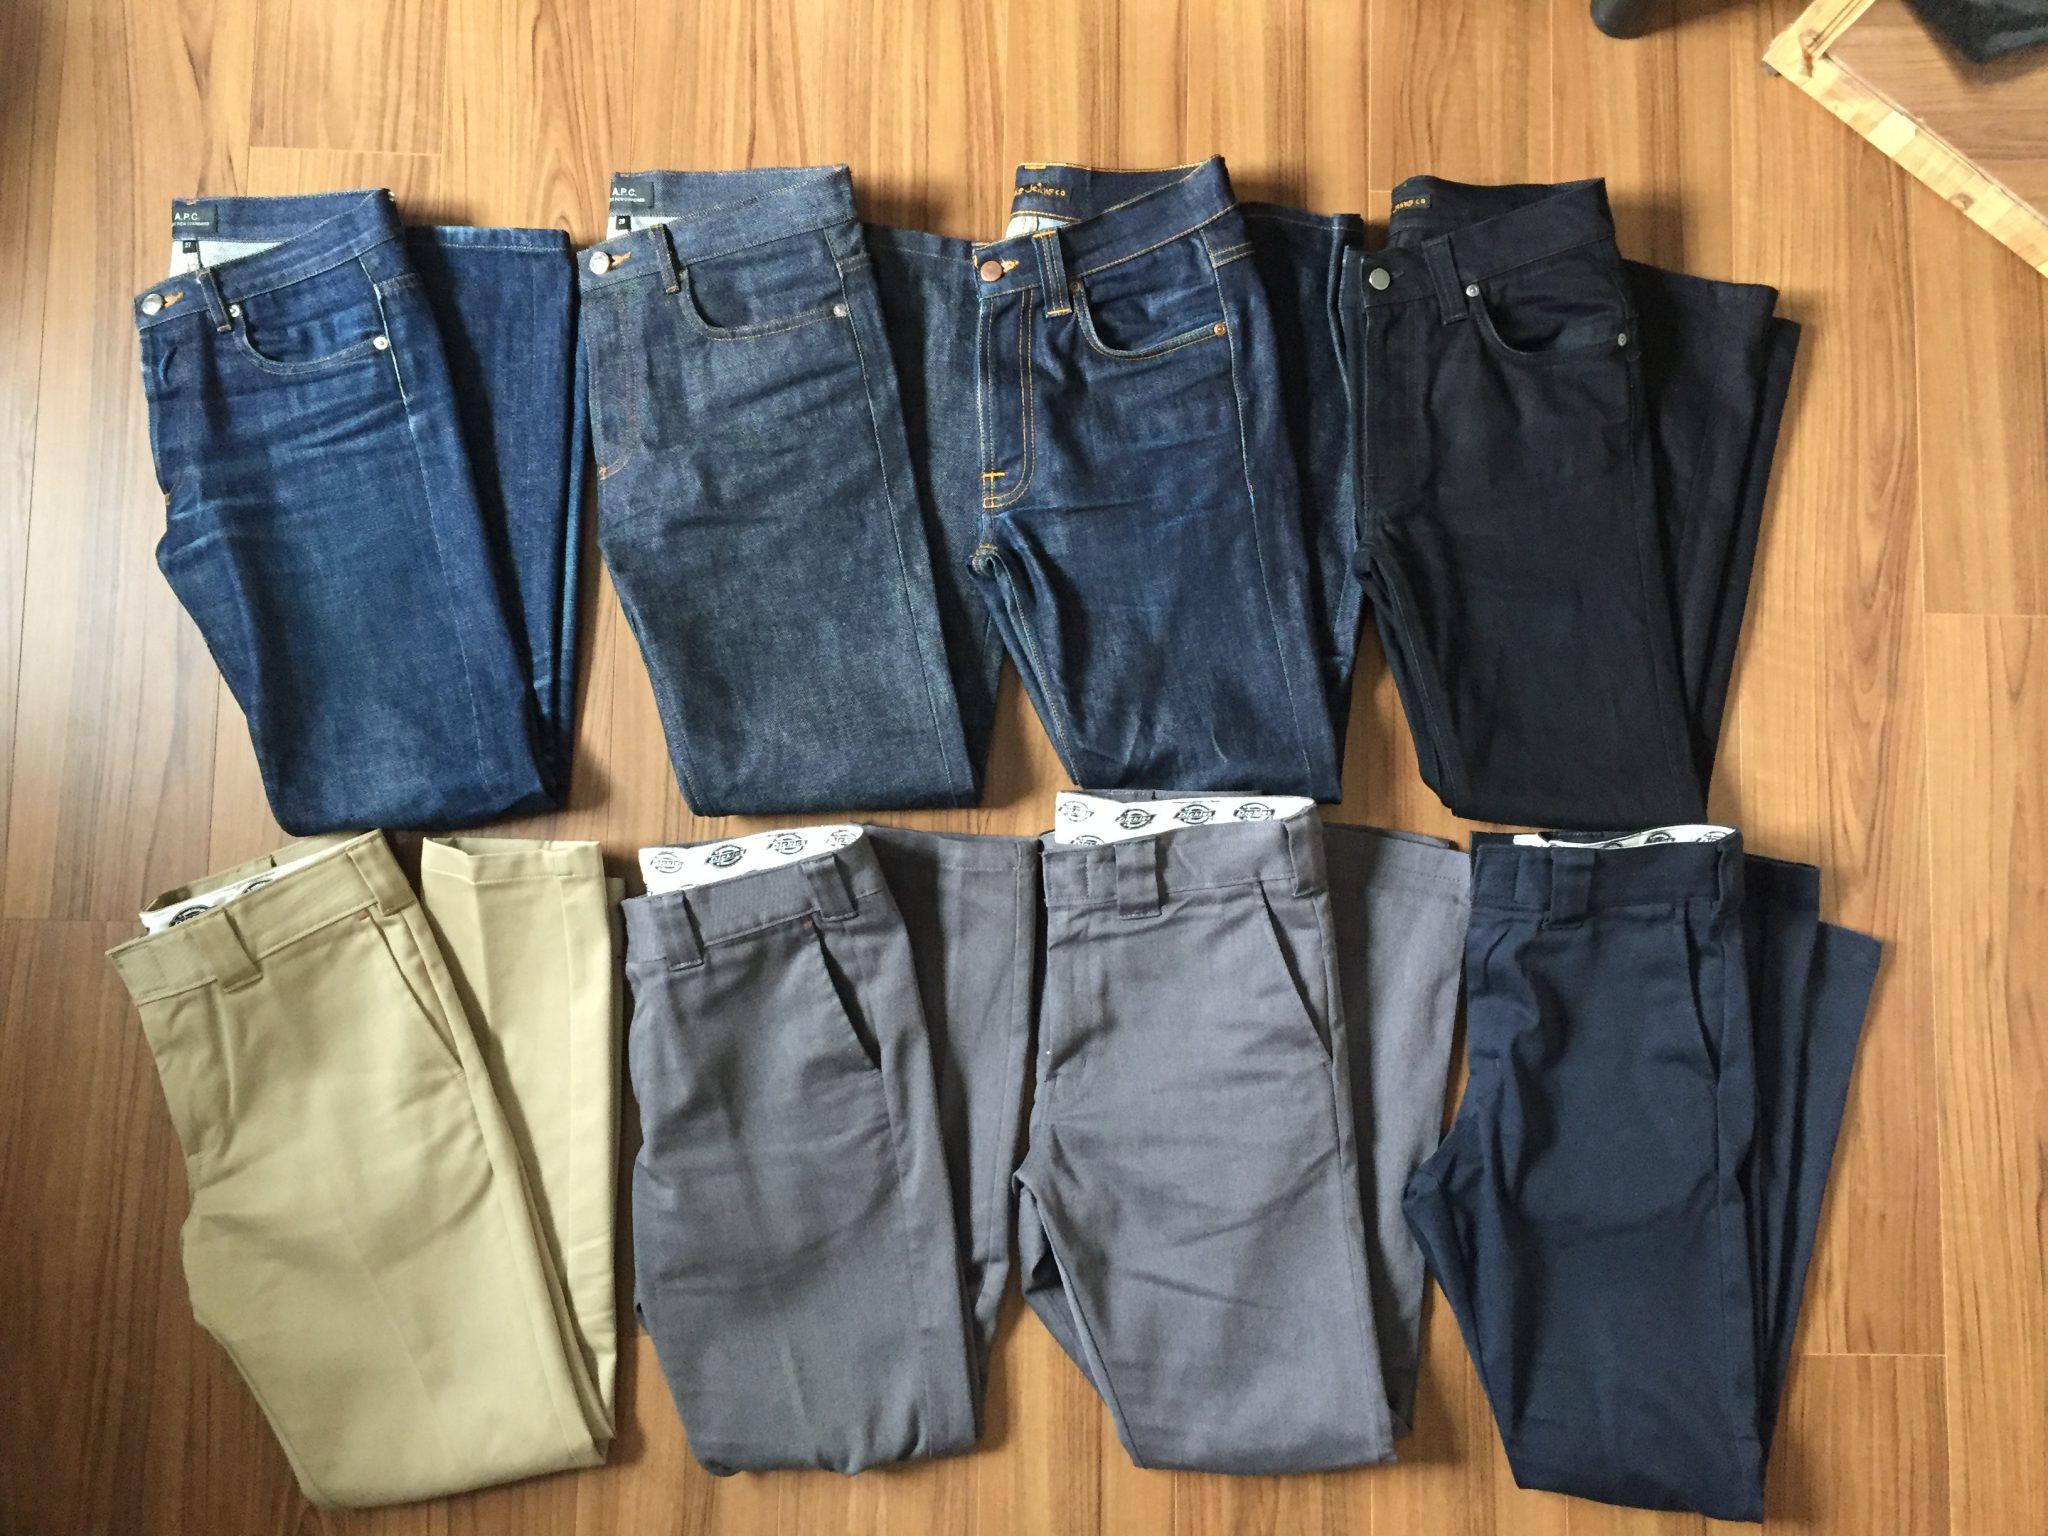 ボトムスはジーンズとDickies(ディッキーズ)のワークパンツがあればいい~オンでもオフでも使いまわしているラインナップを紹介